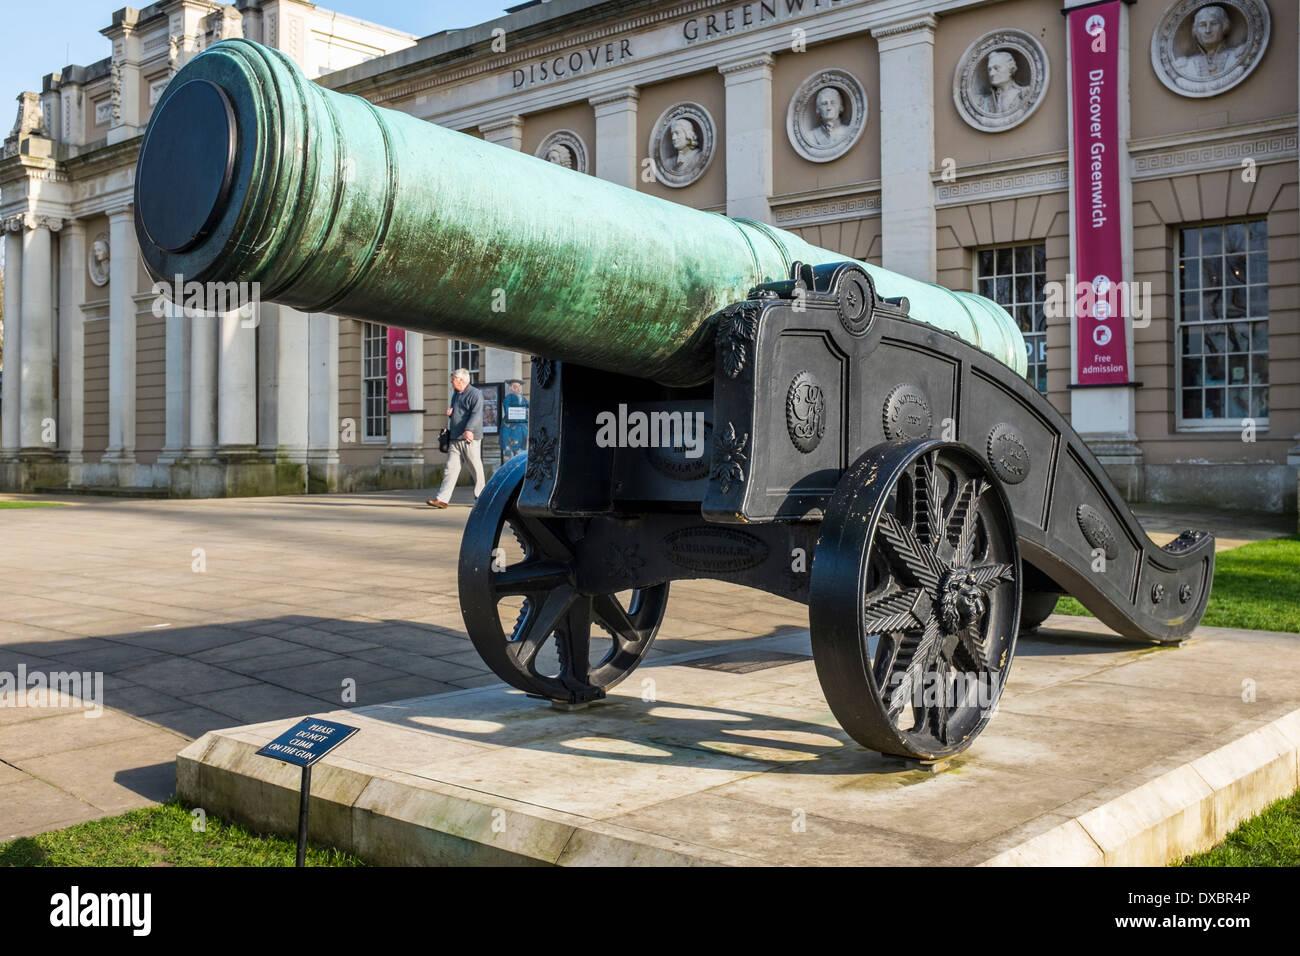 Historique ancienne Cannon à l'extérieur Découvrez Greenwich Visitor Centre - London SE10 Photo Stock